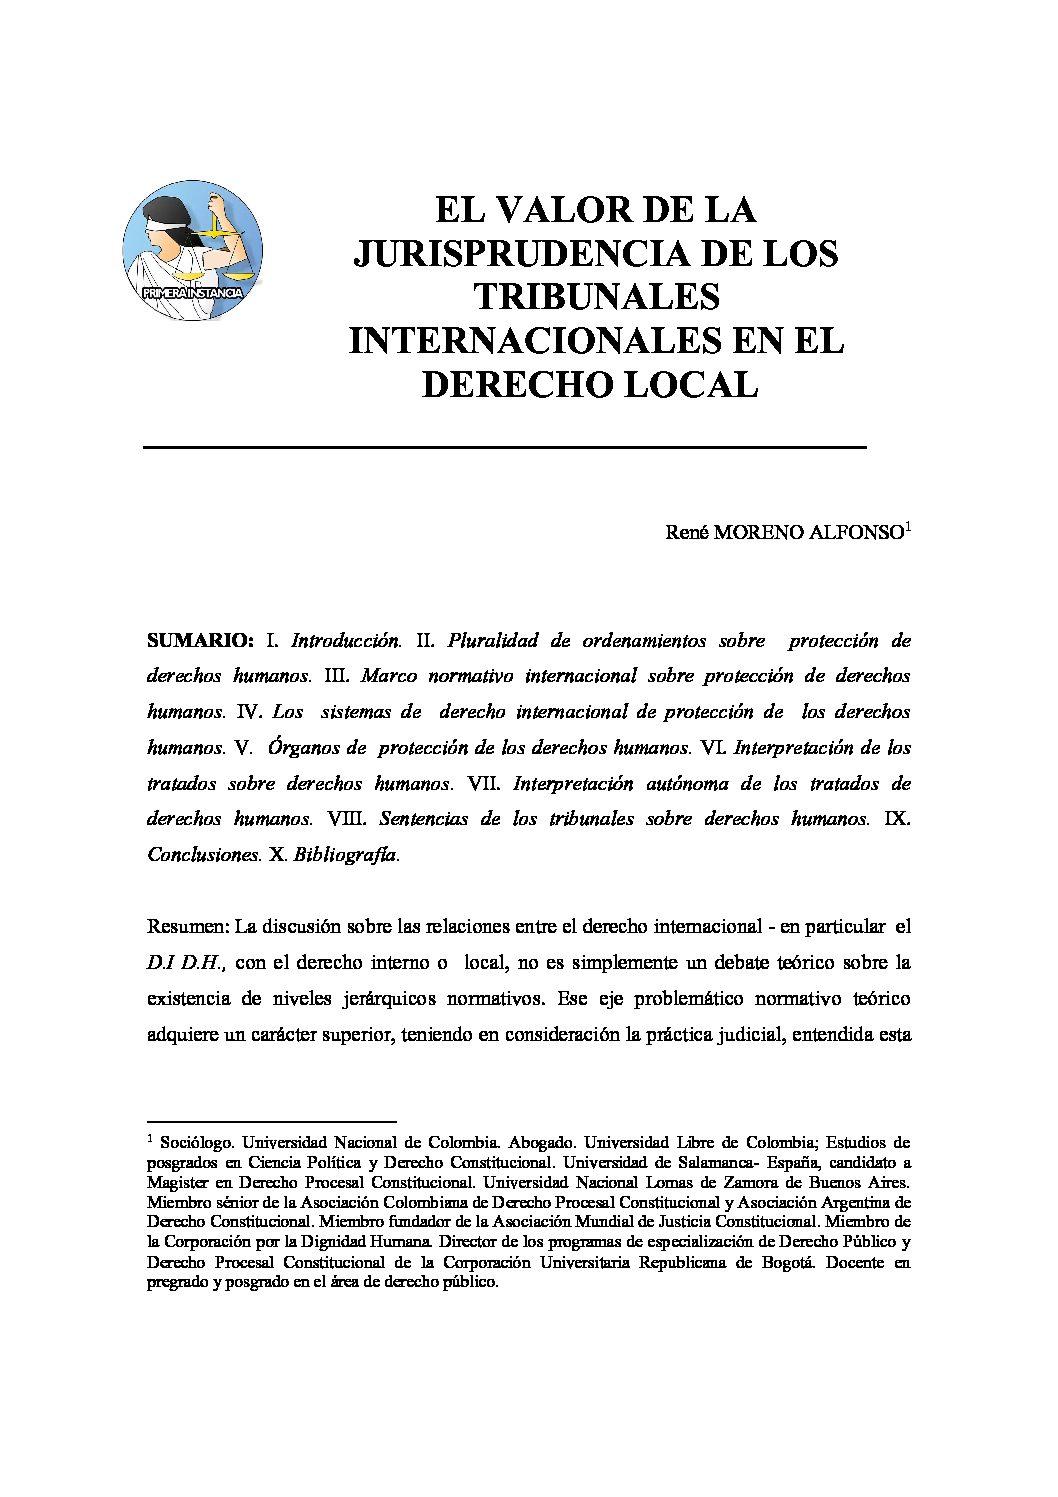 EL VALOR DE LA JURISPRUDENCIA DE LOS TRIBUNALES INTERNACIONALES EN EL DERECHO LOCAL, René Moreno Alfonso